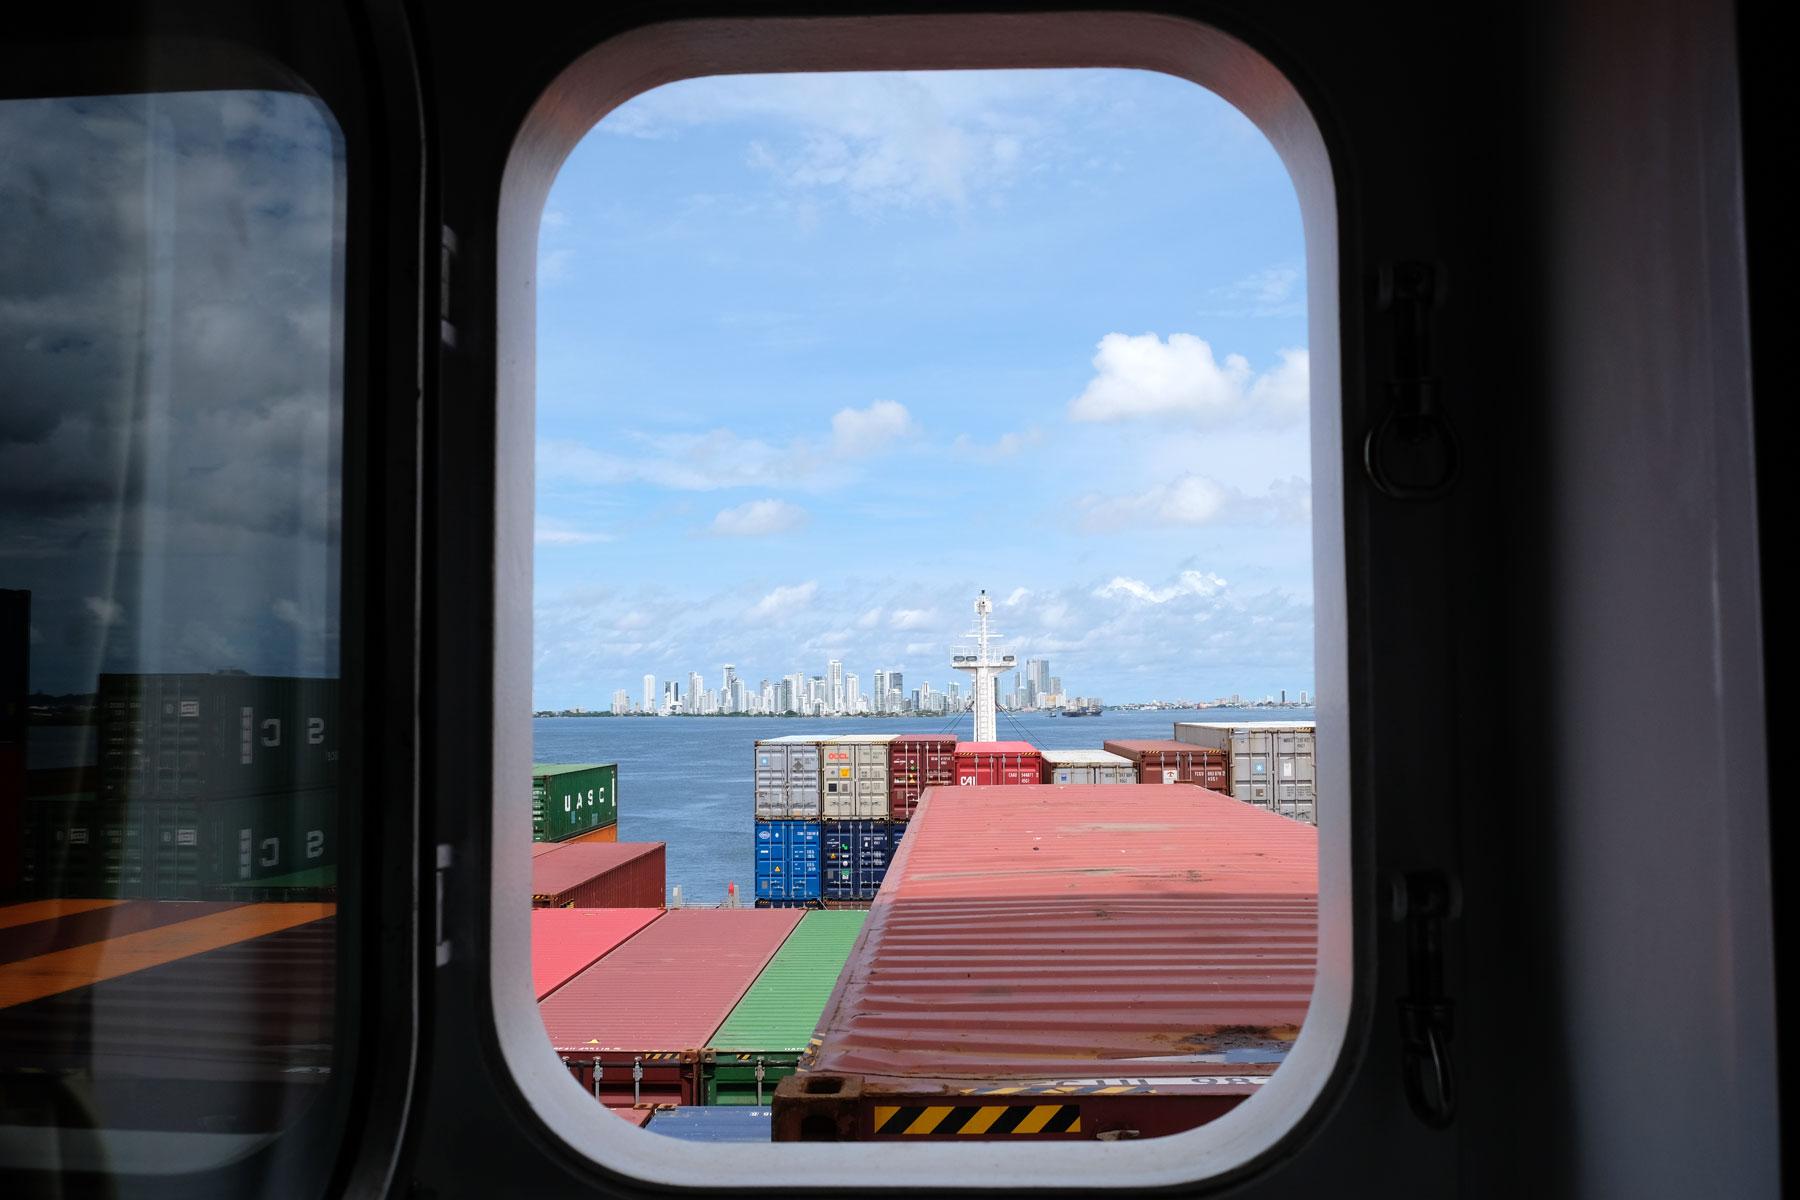 Aus unserer Kabine auf dem Containerschiff können wir die Skyline von Cartagena sehen.